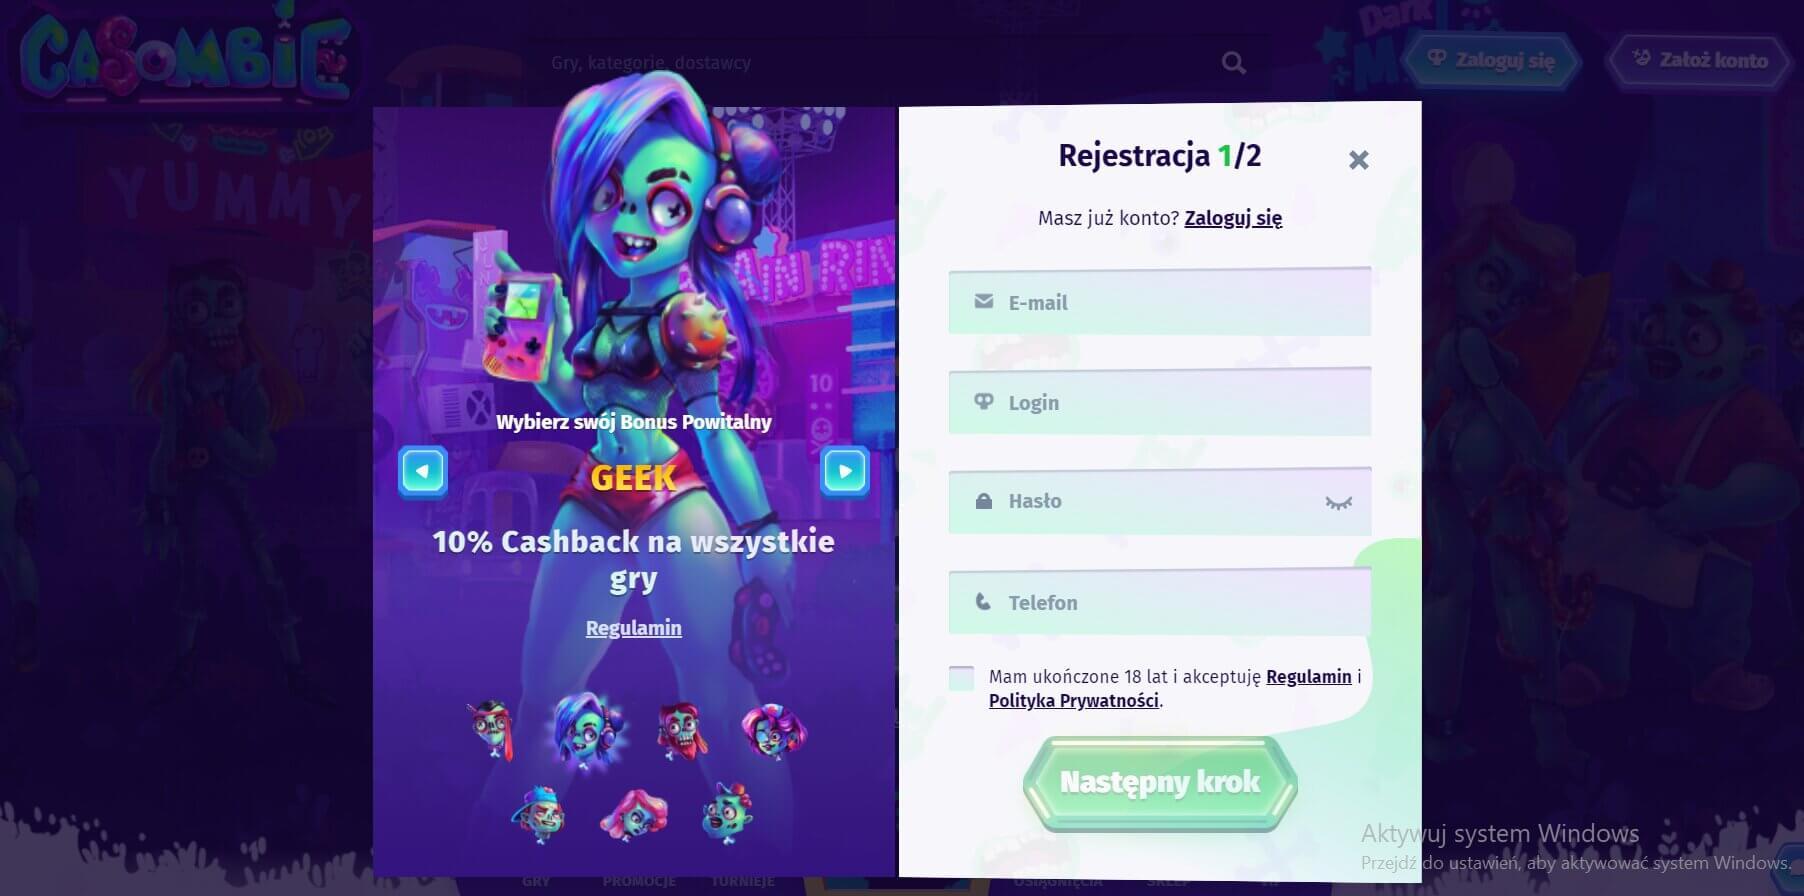 rejestracja w casino casombie screenshot